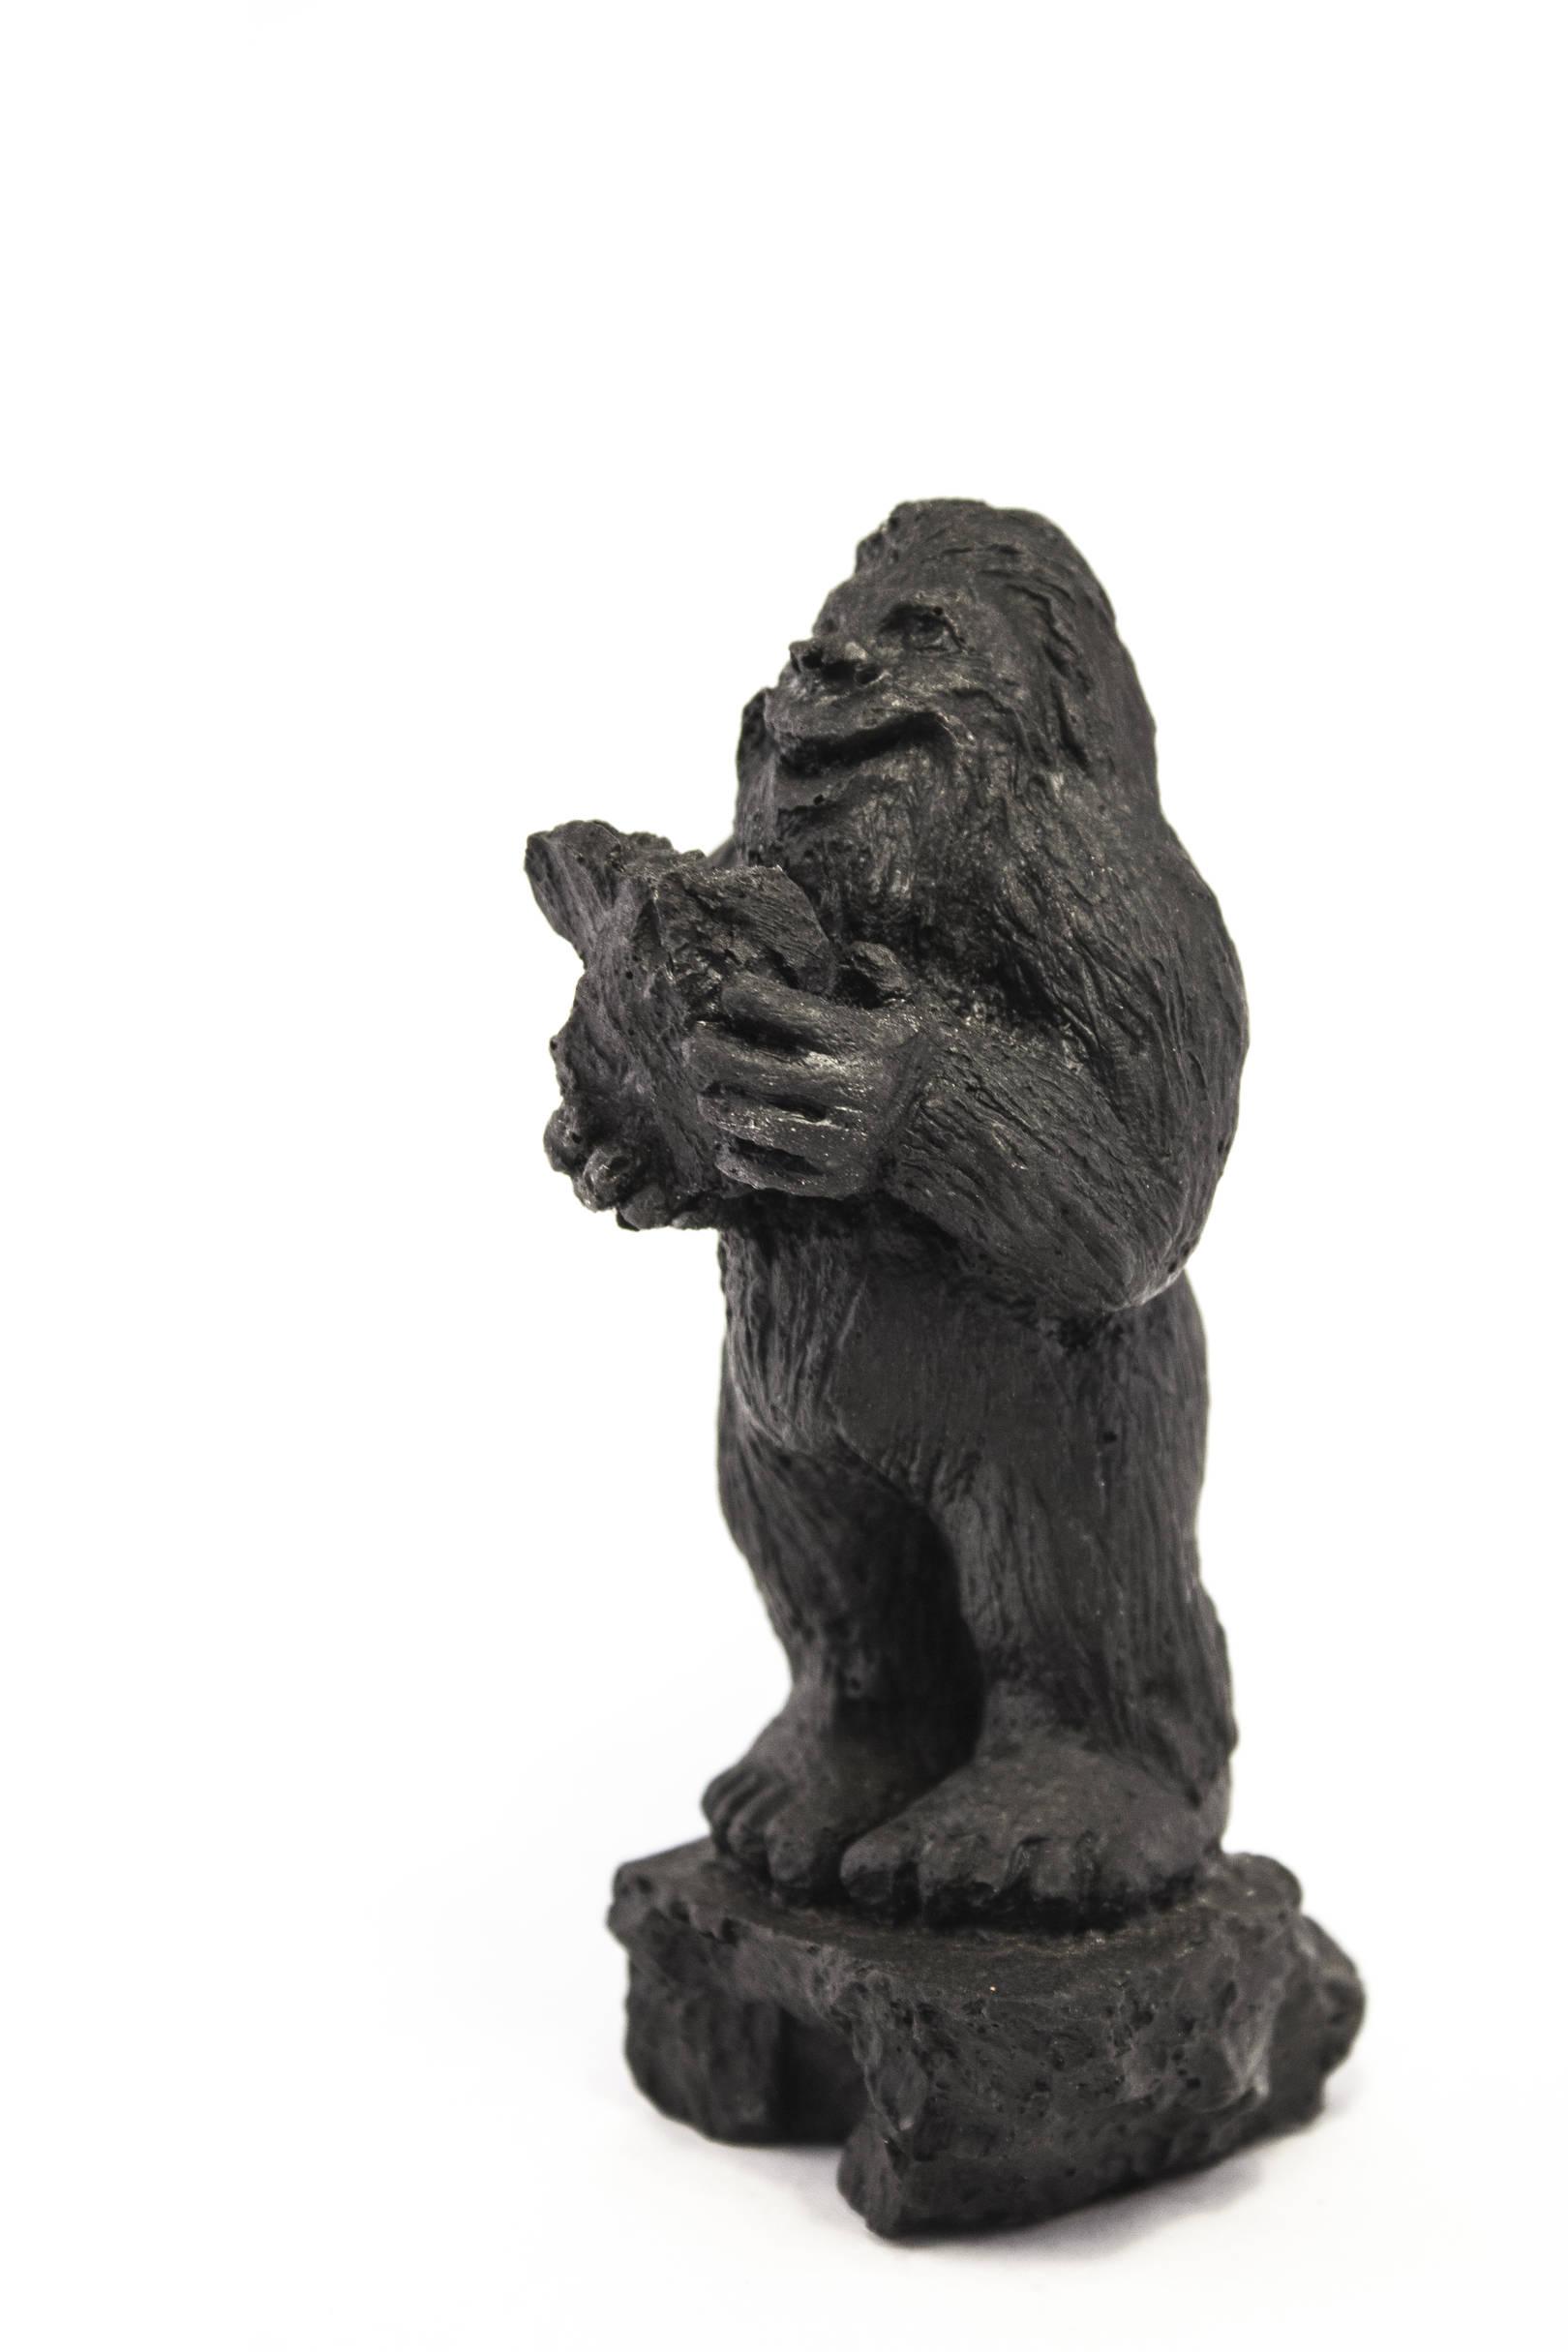 Йети Волков. Высота 13,5 см Материал - уголь